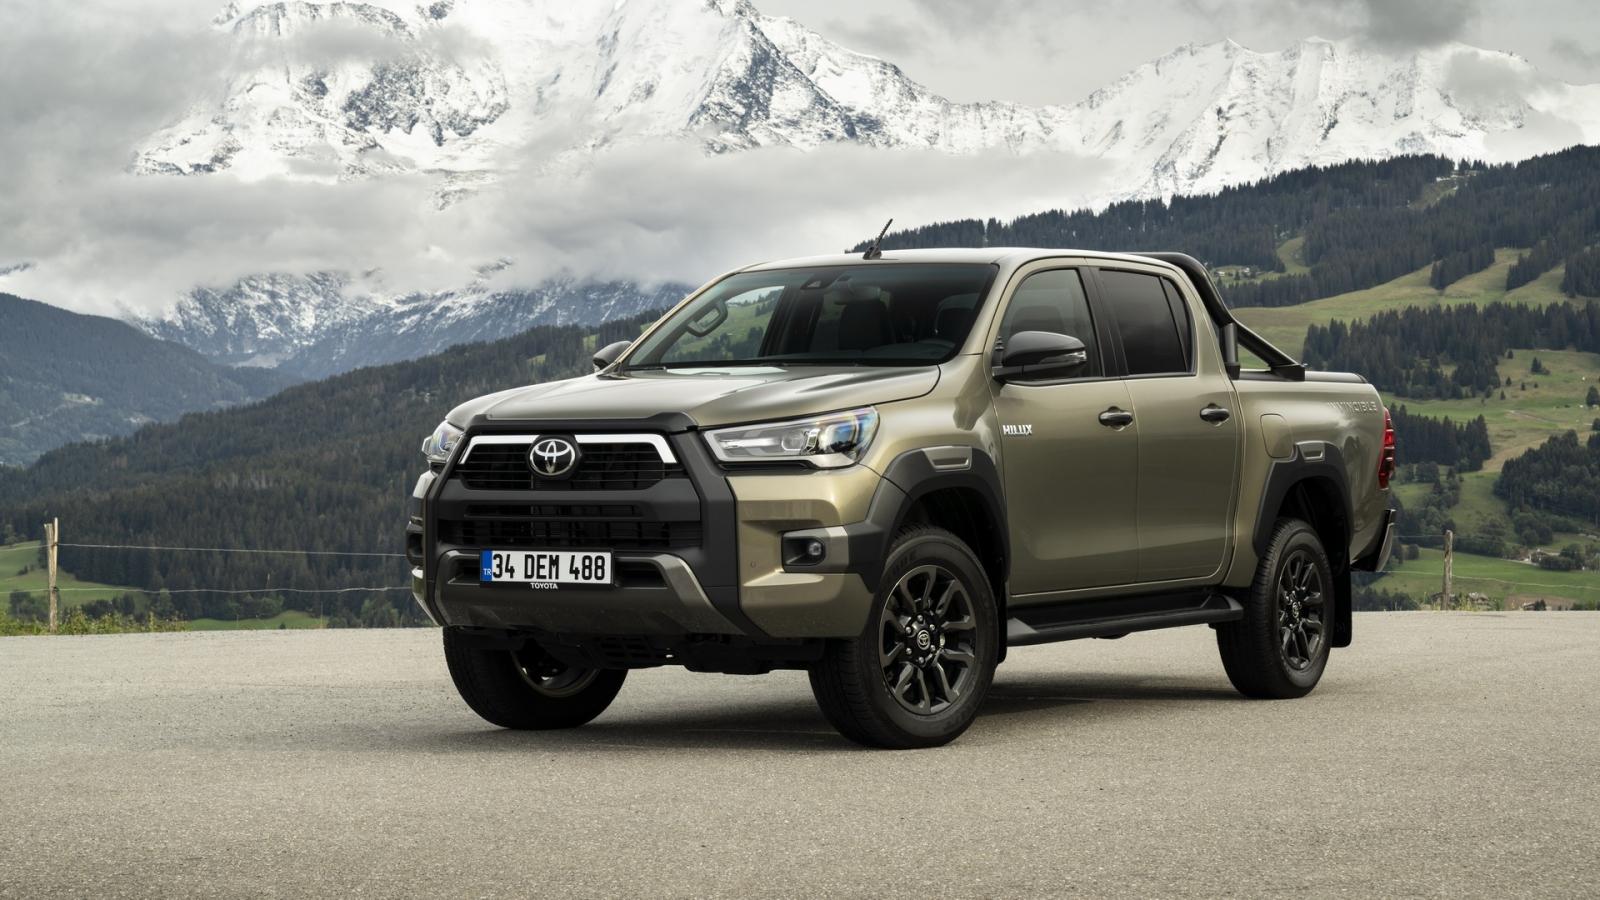 Toyota Hilux 2020 bản nâng cấp dành cho châu Âu có gì khác biệt?